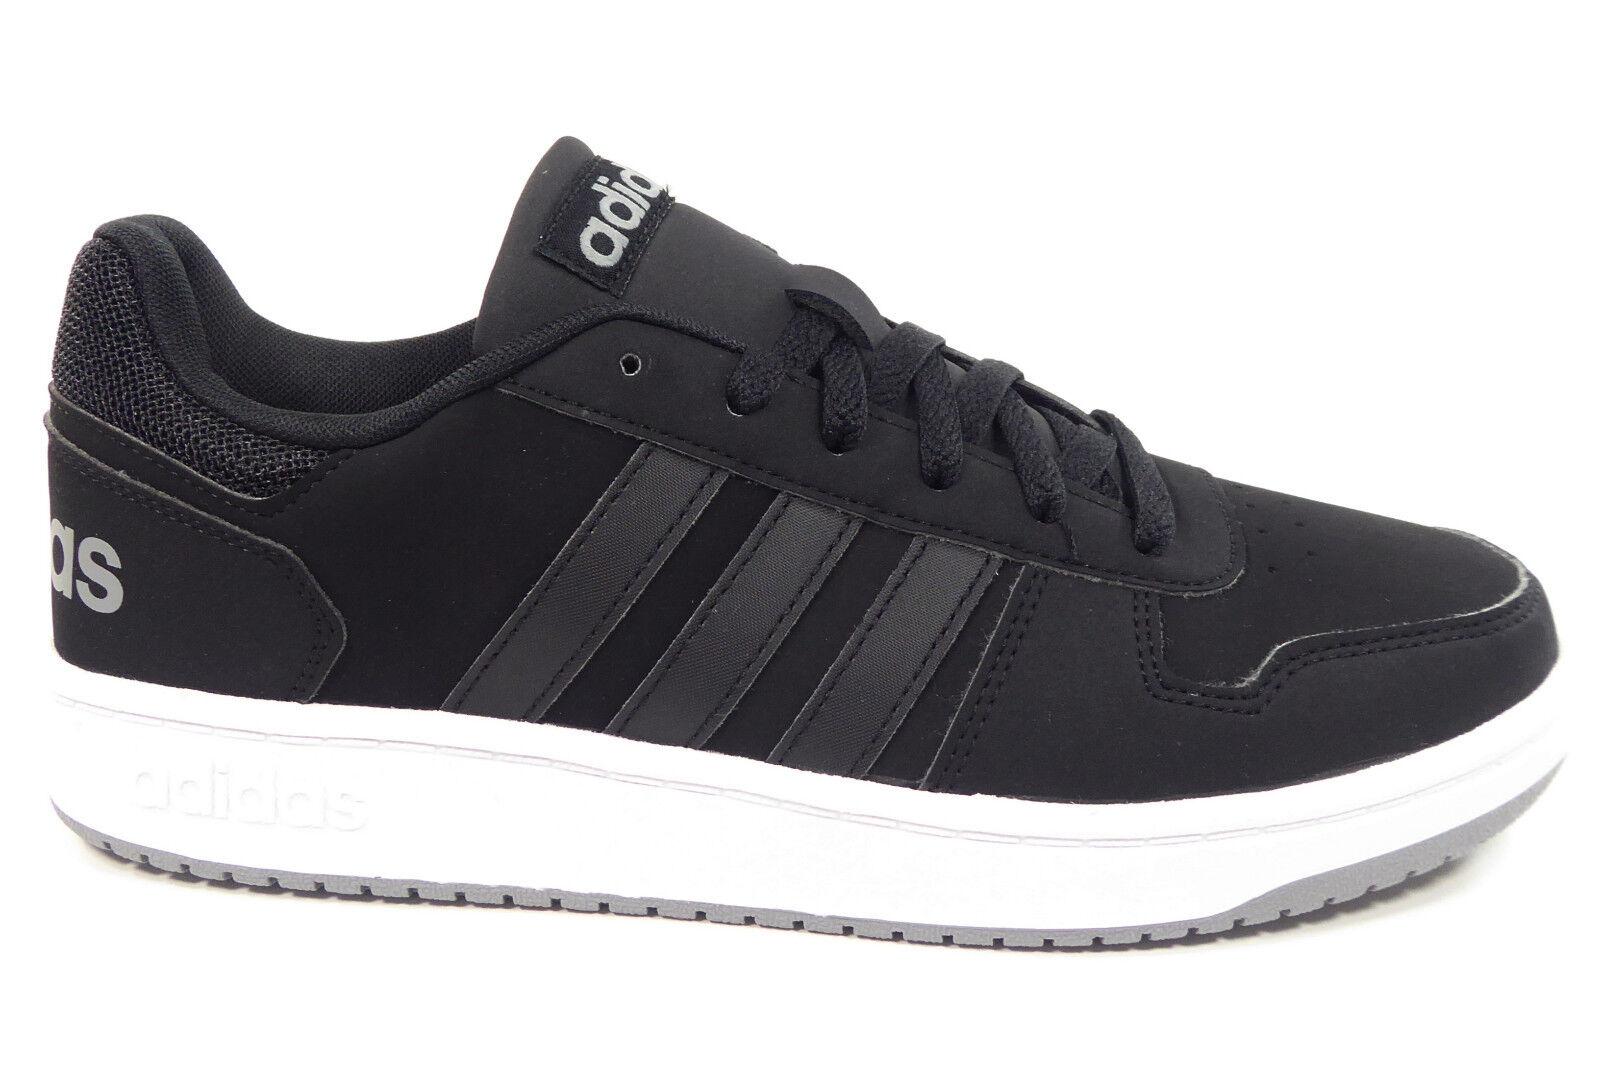 adidas Neo Herrenhalbschuhe Sport Retro Sneaker in Schwarz HOOPS 2.0 DB0122